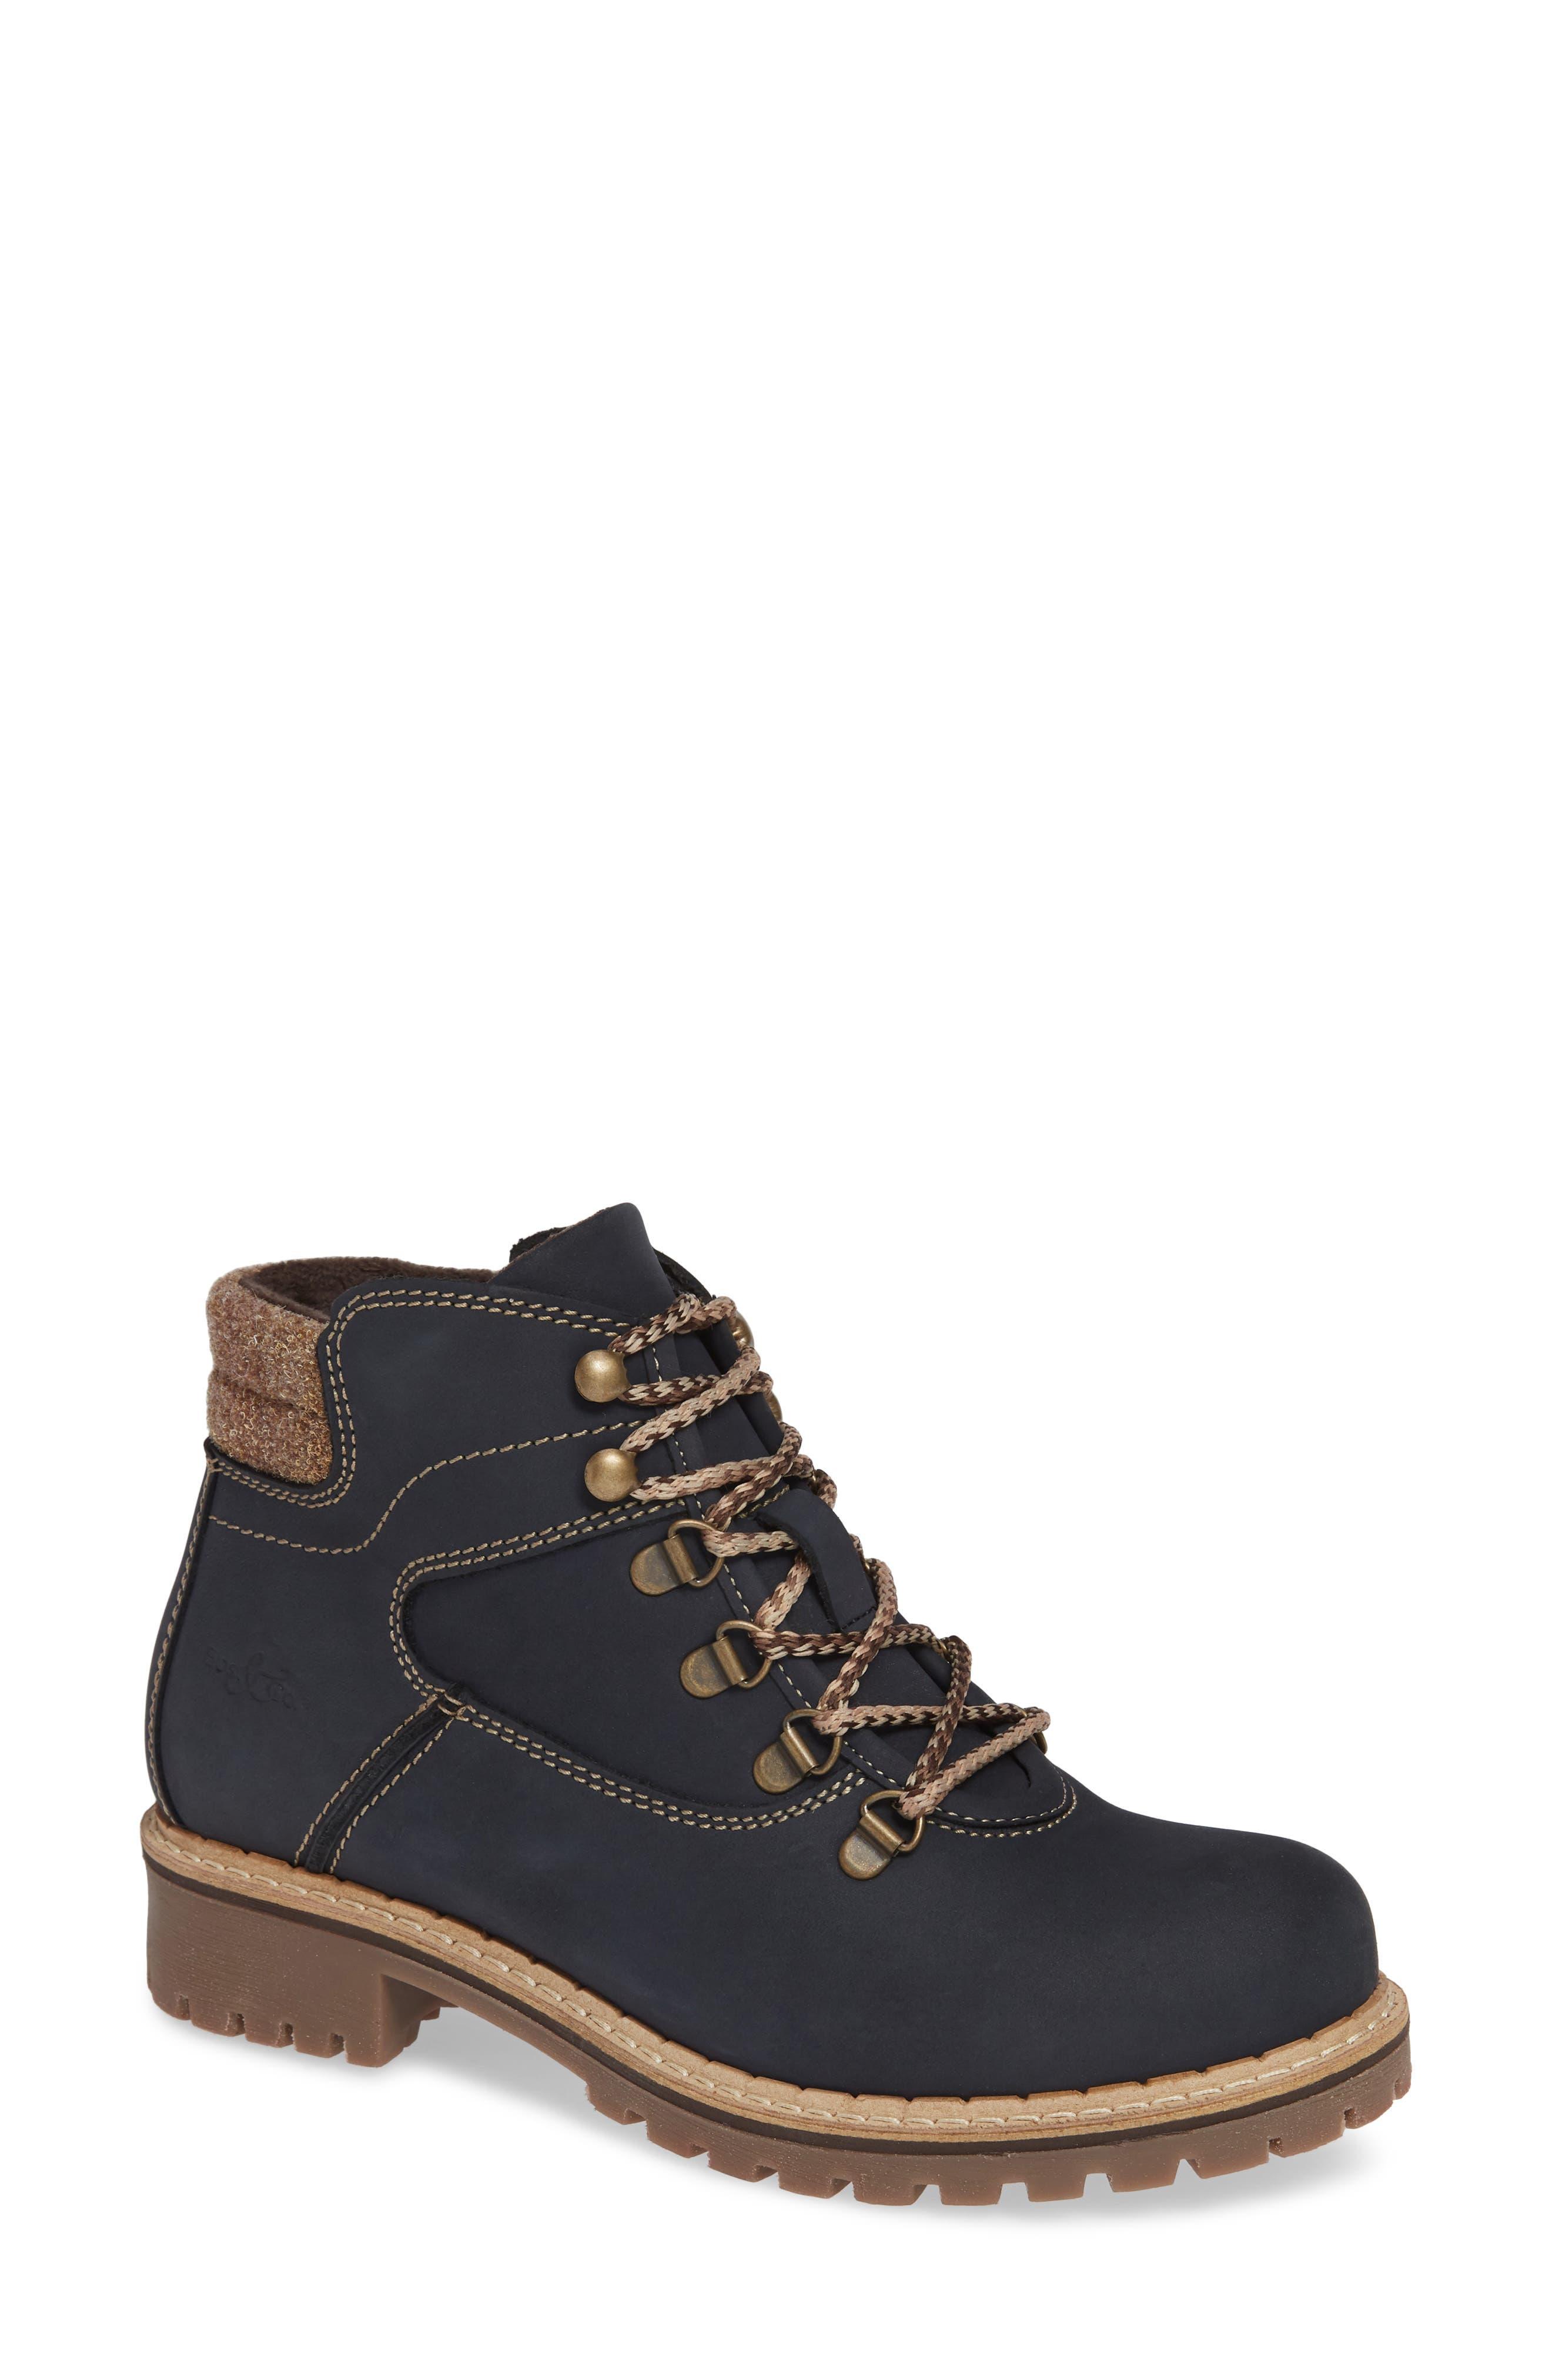 Bos. & Co. Hartney Waterproof Boot, Blue